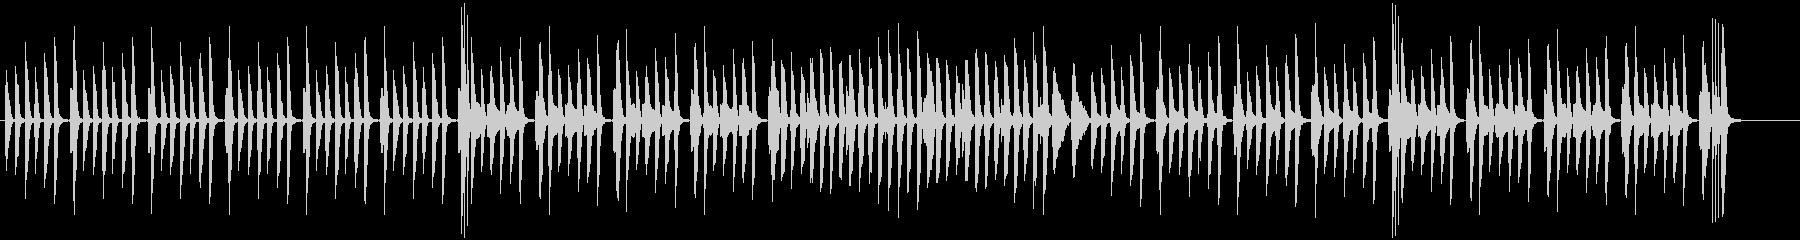 日常系ピアノの軽やかでかわいい曲・伴奏版の未再生の波形